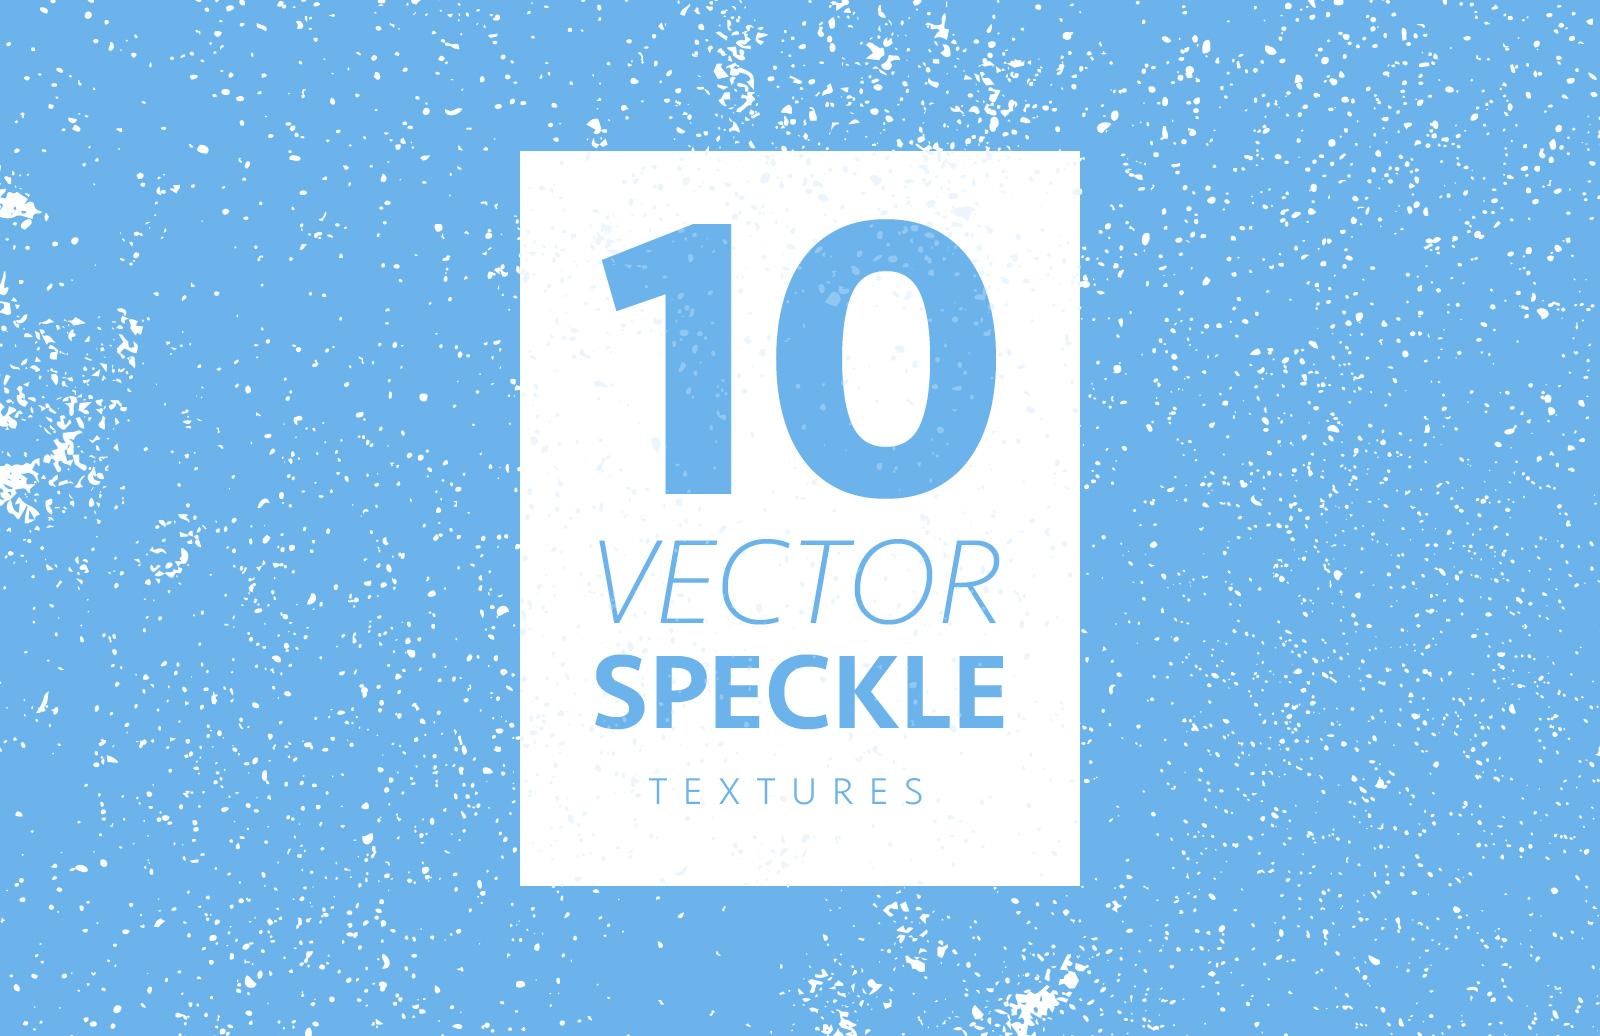 Vector Speckle Textures